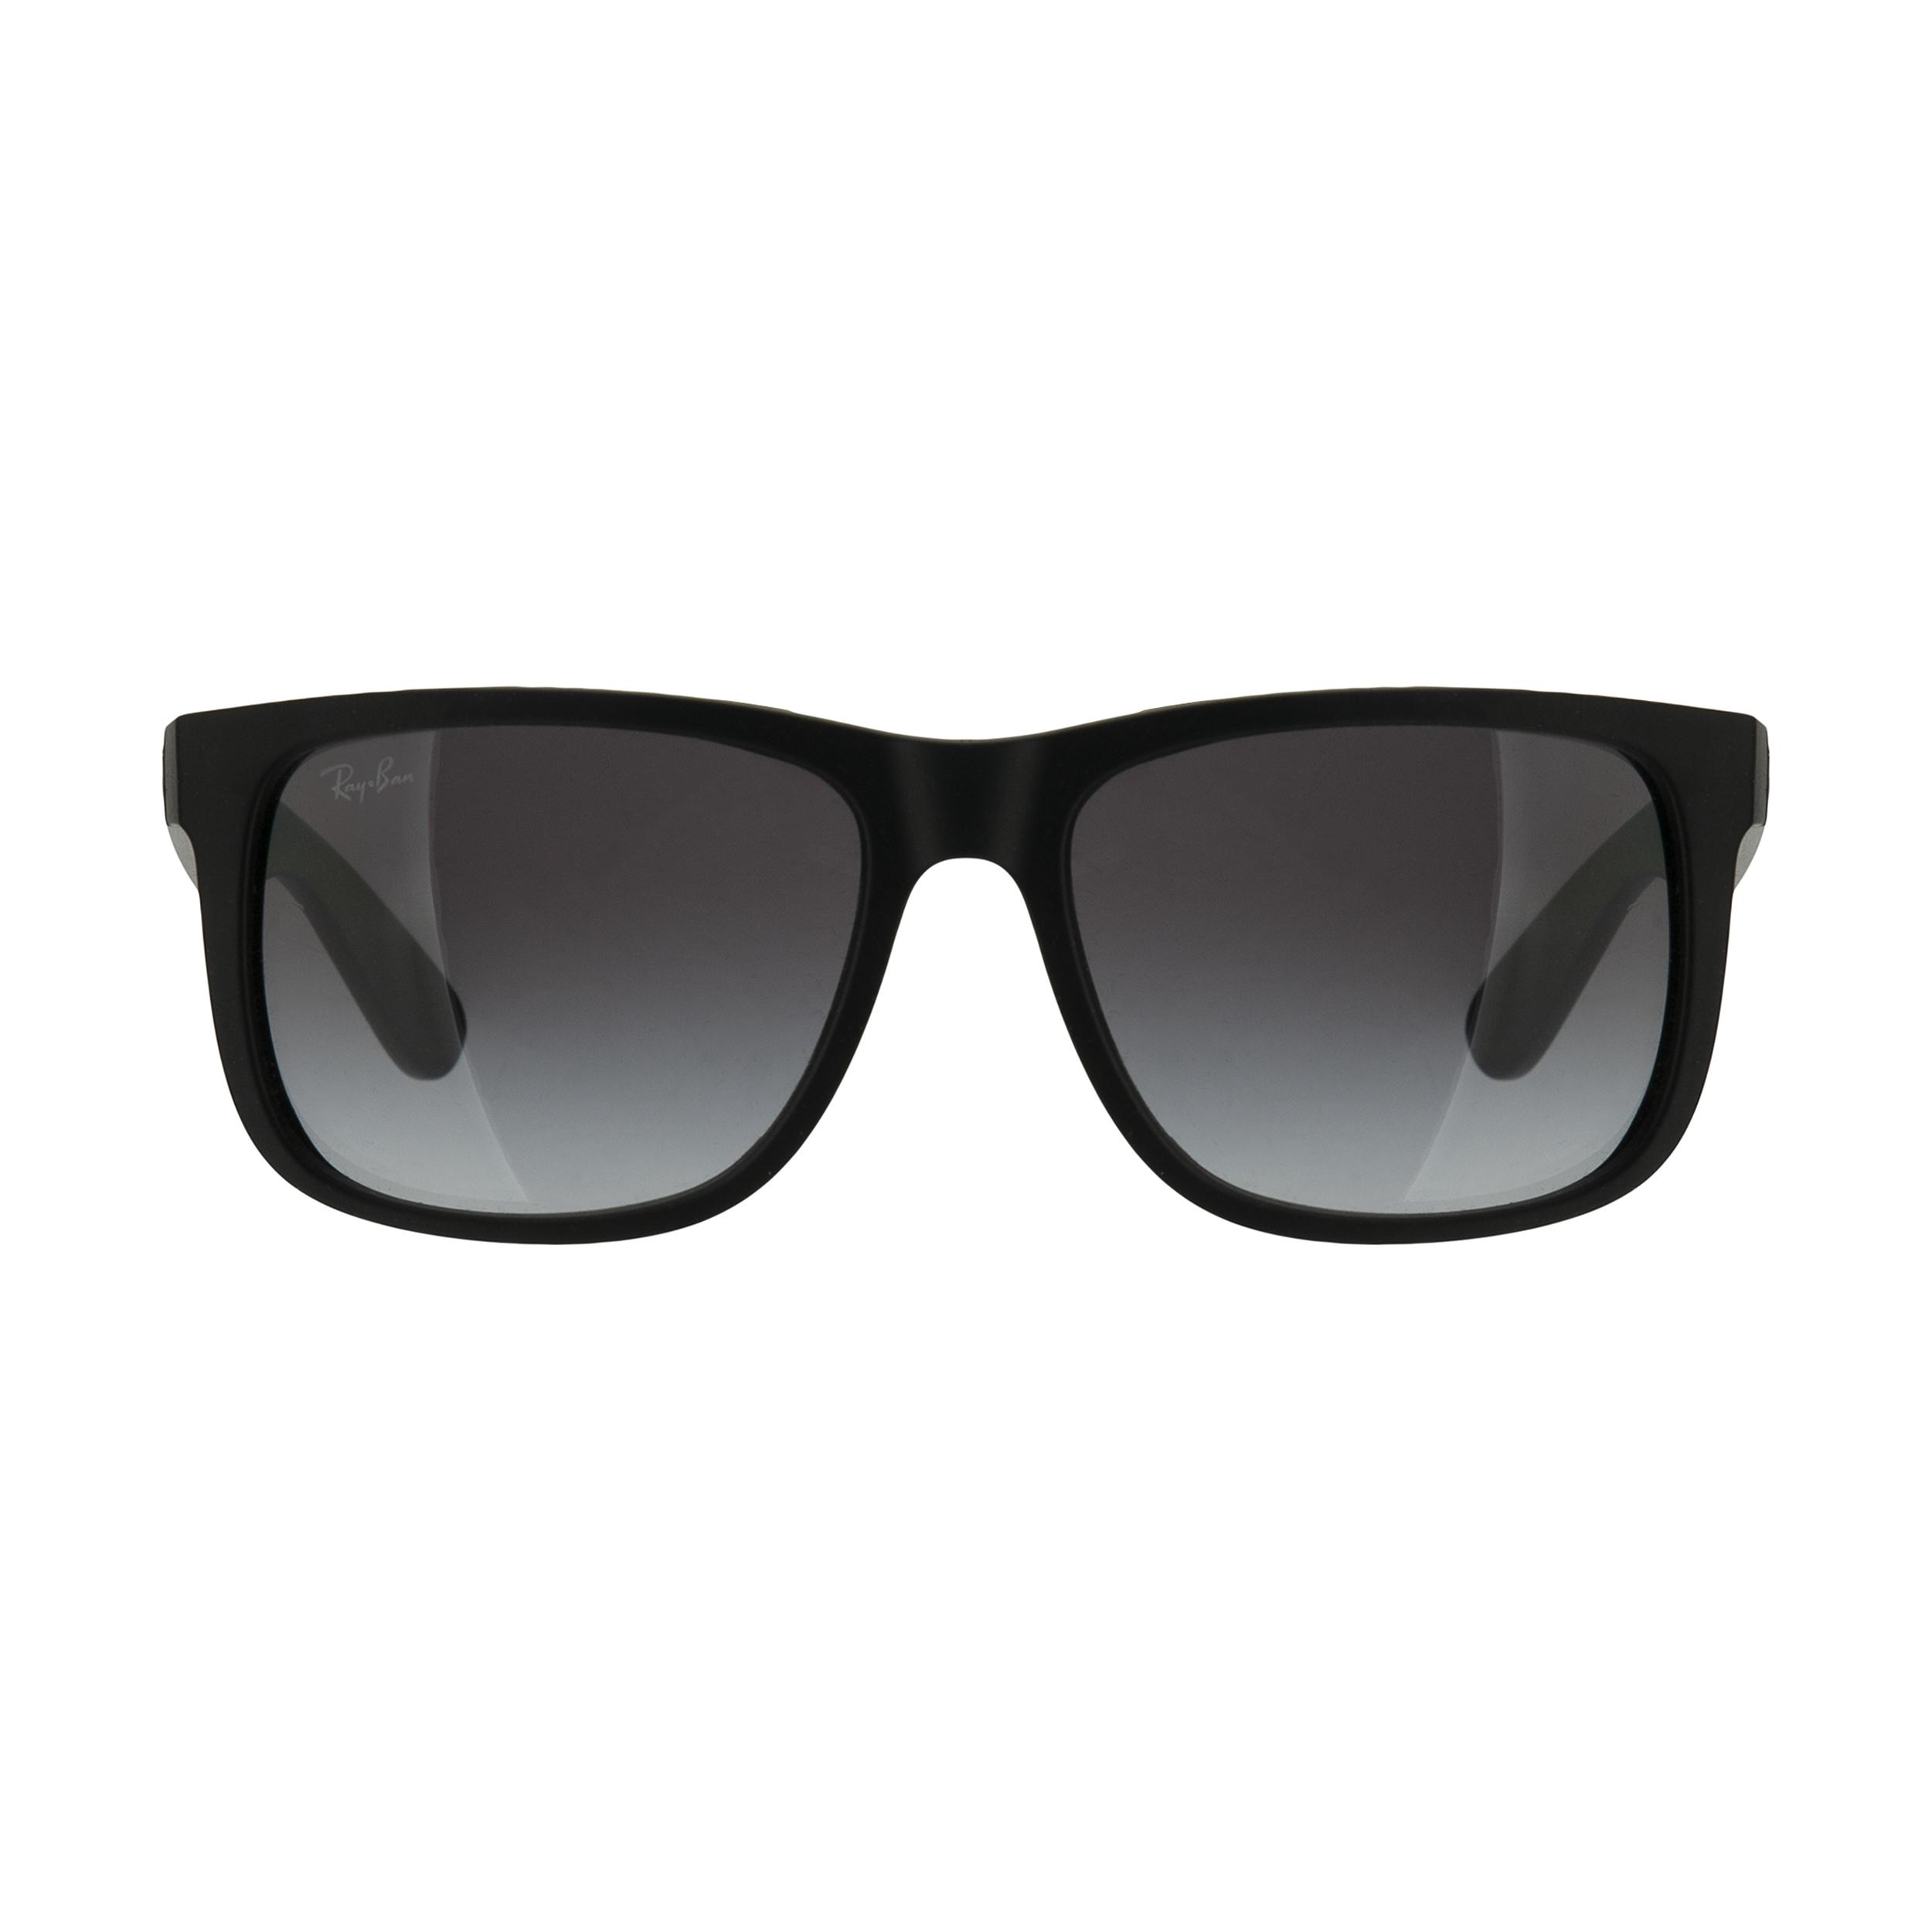 عینک آفتابی ری بن مدل RB4165S 06018G 55